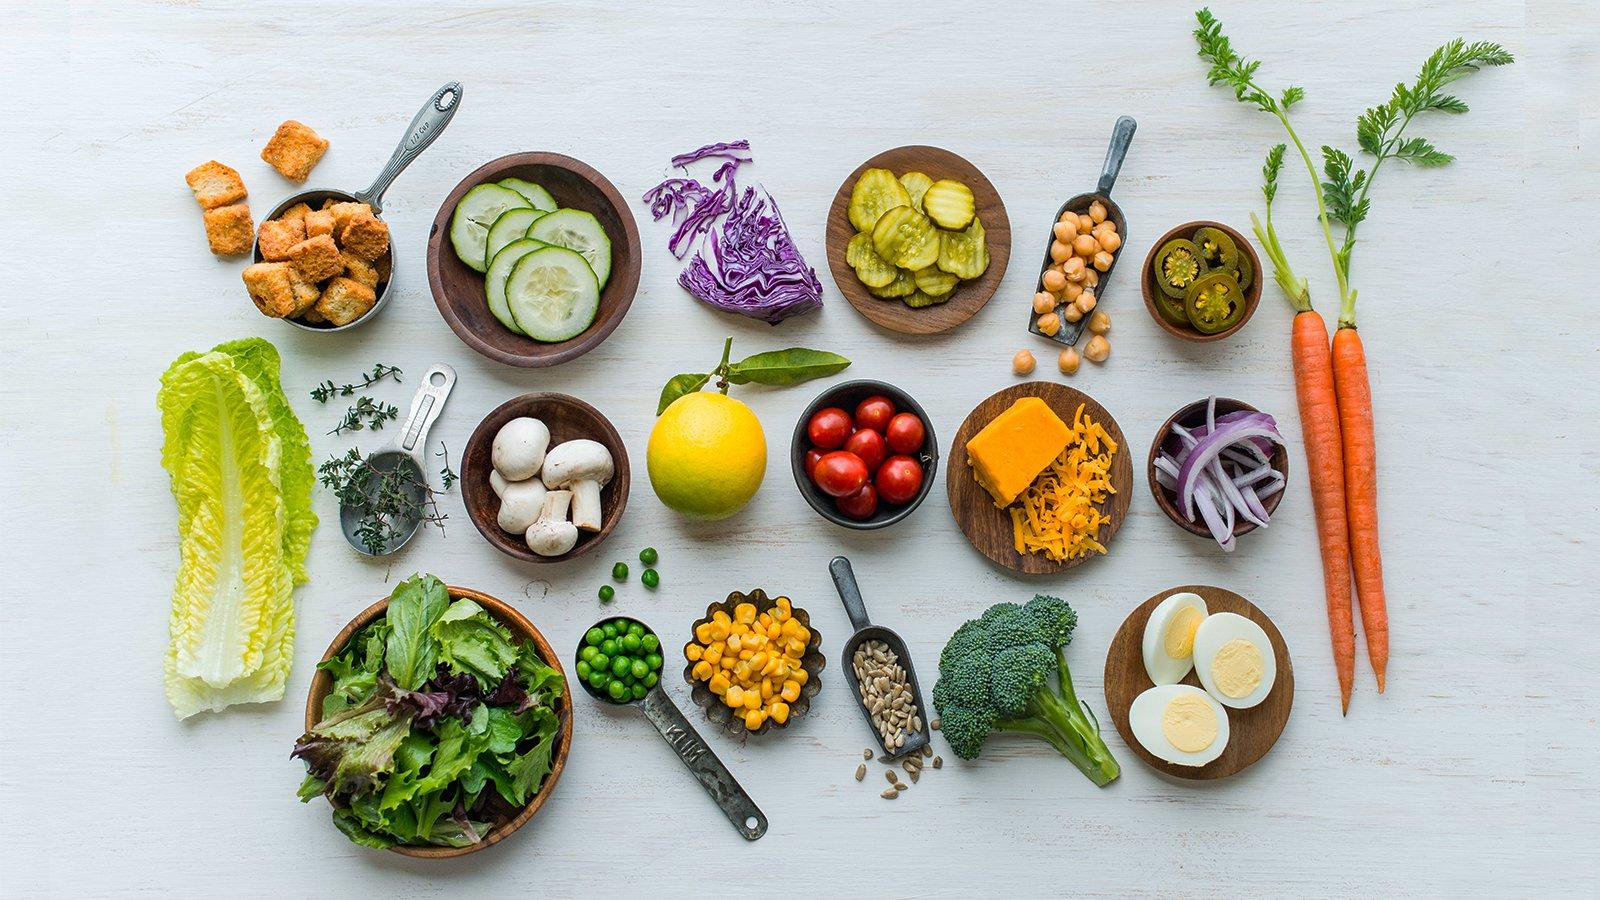 سبک تولید محتوا برای وبلاگ نویسی در زمینه آشپزی